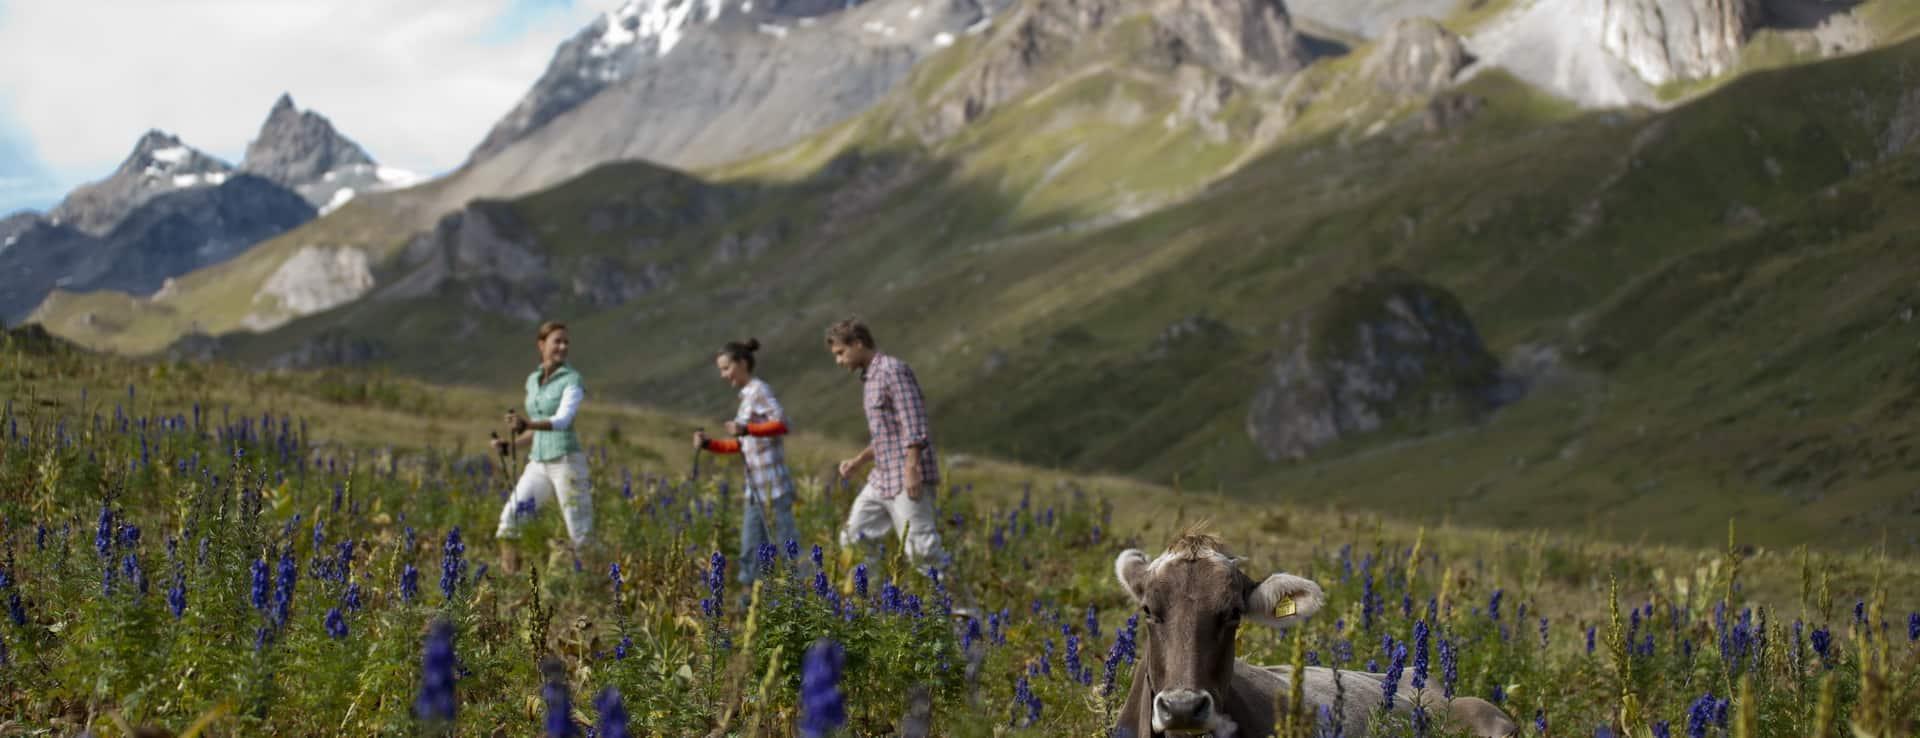 Vandra i Ischgl Semester i Österrike